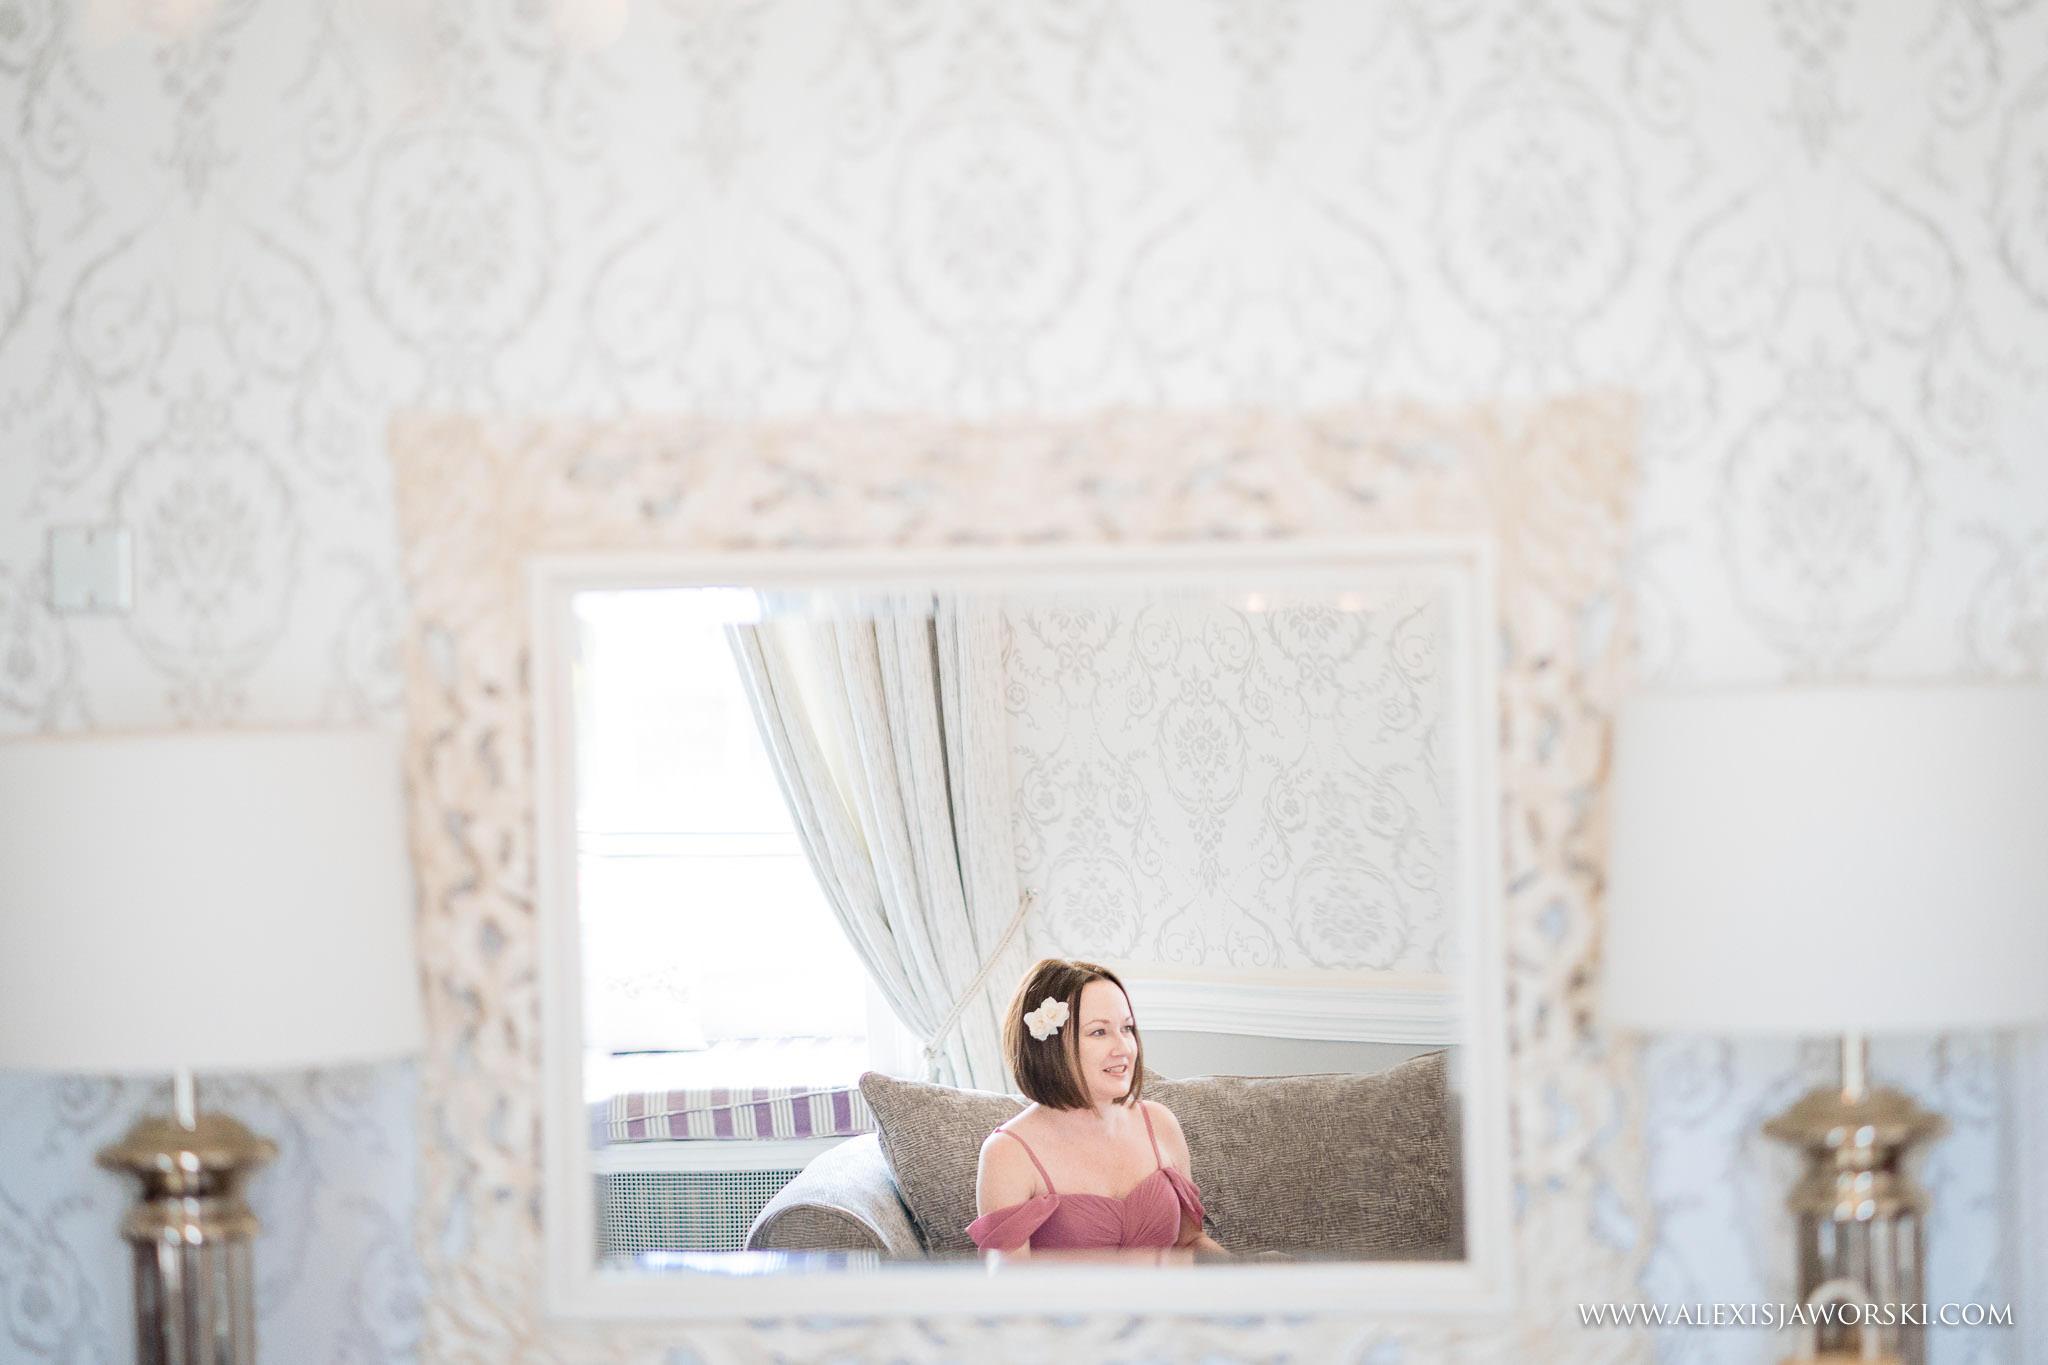 bridesmaid in mirror reflection